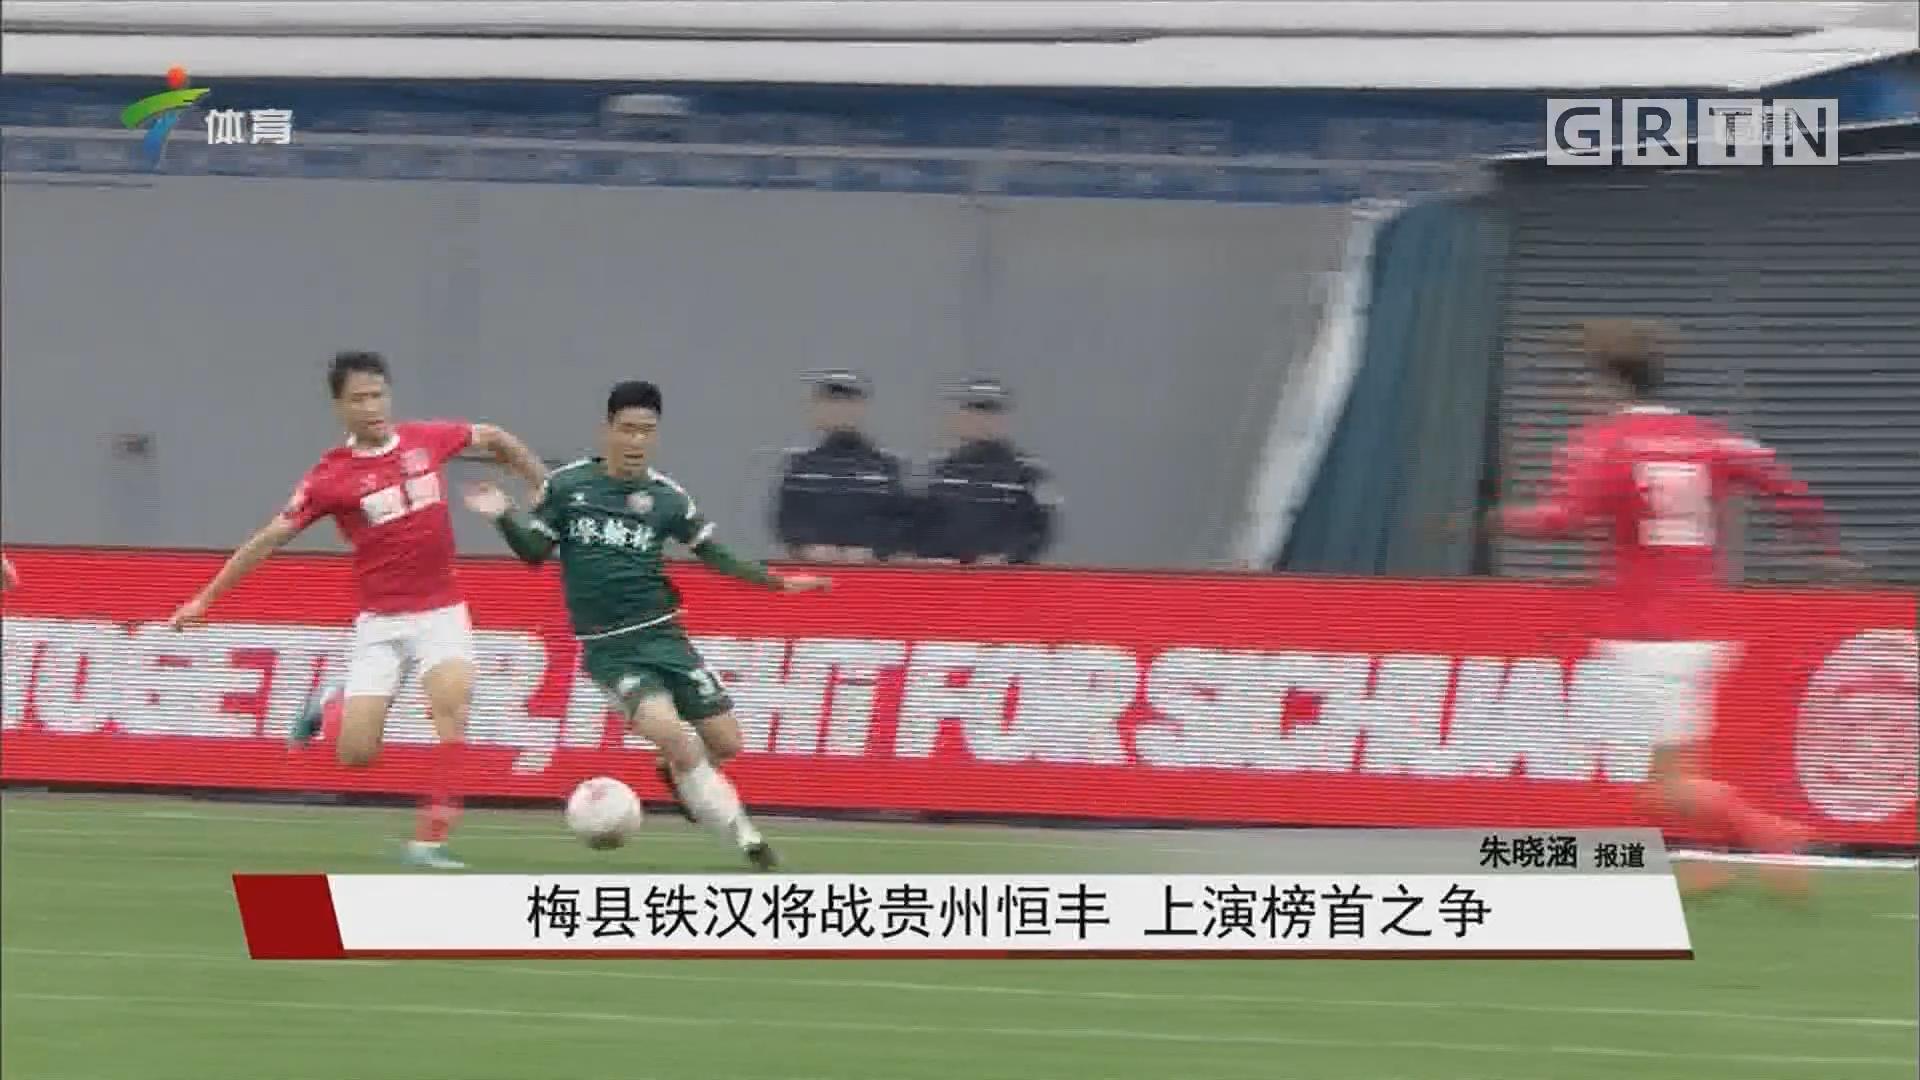 梅县铁汉将战贵州恒丰 上演榜首之争